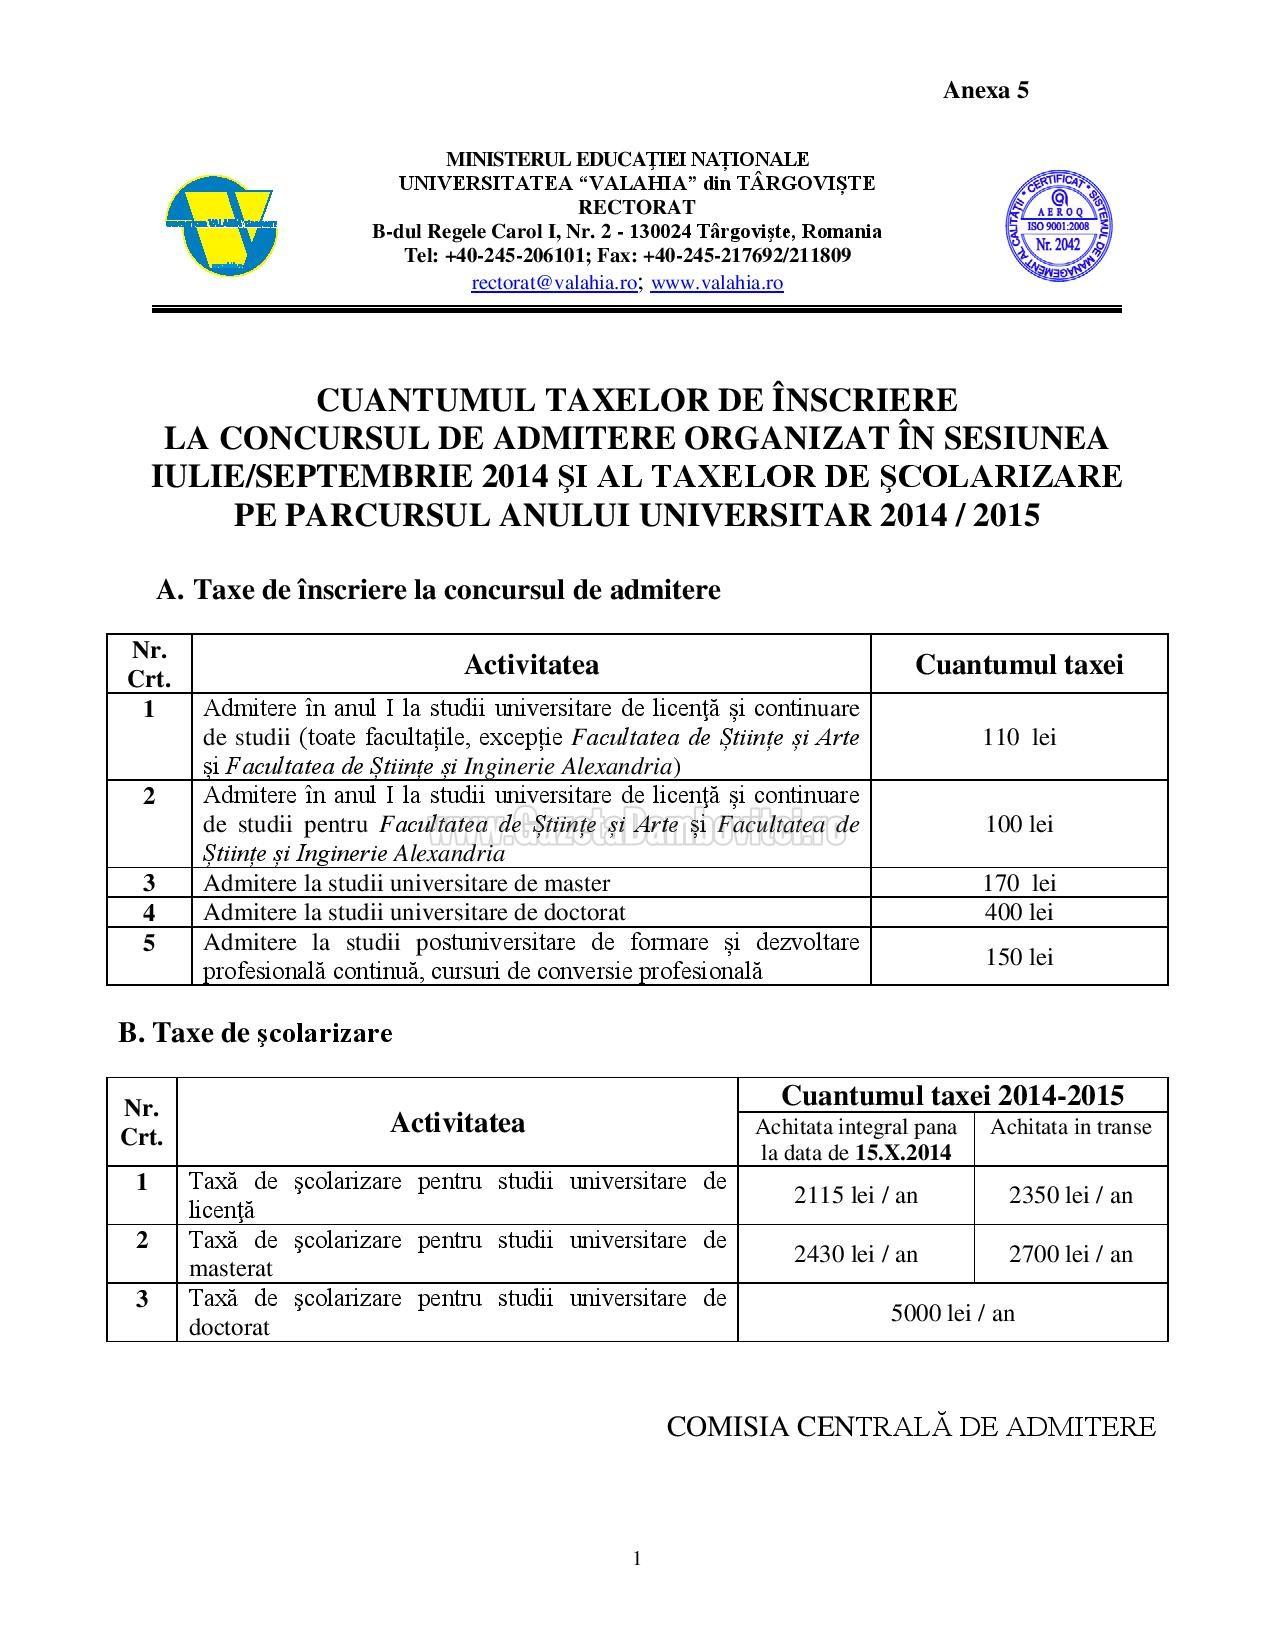 Anexa_5_Taxe_inscriere_scolarizare_2014 (1)-page-001